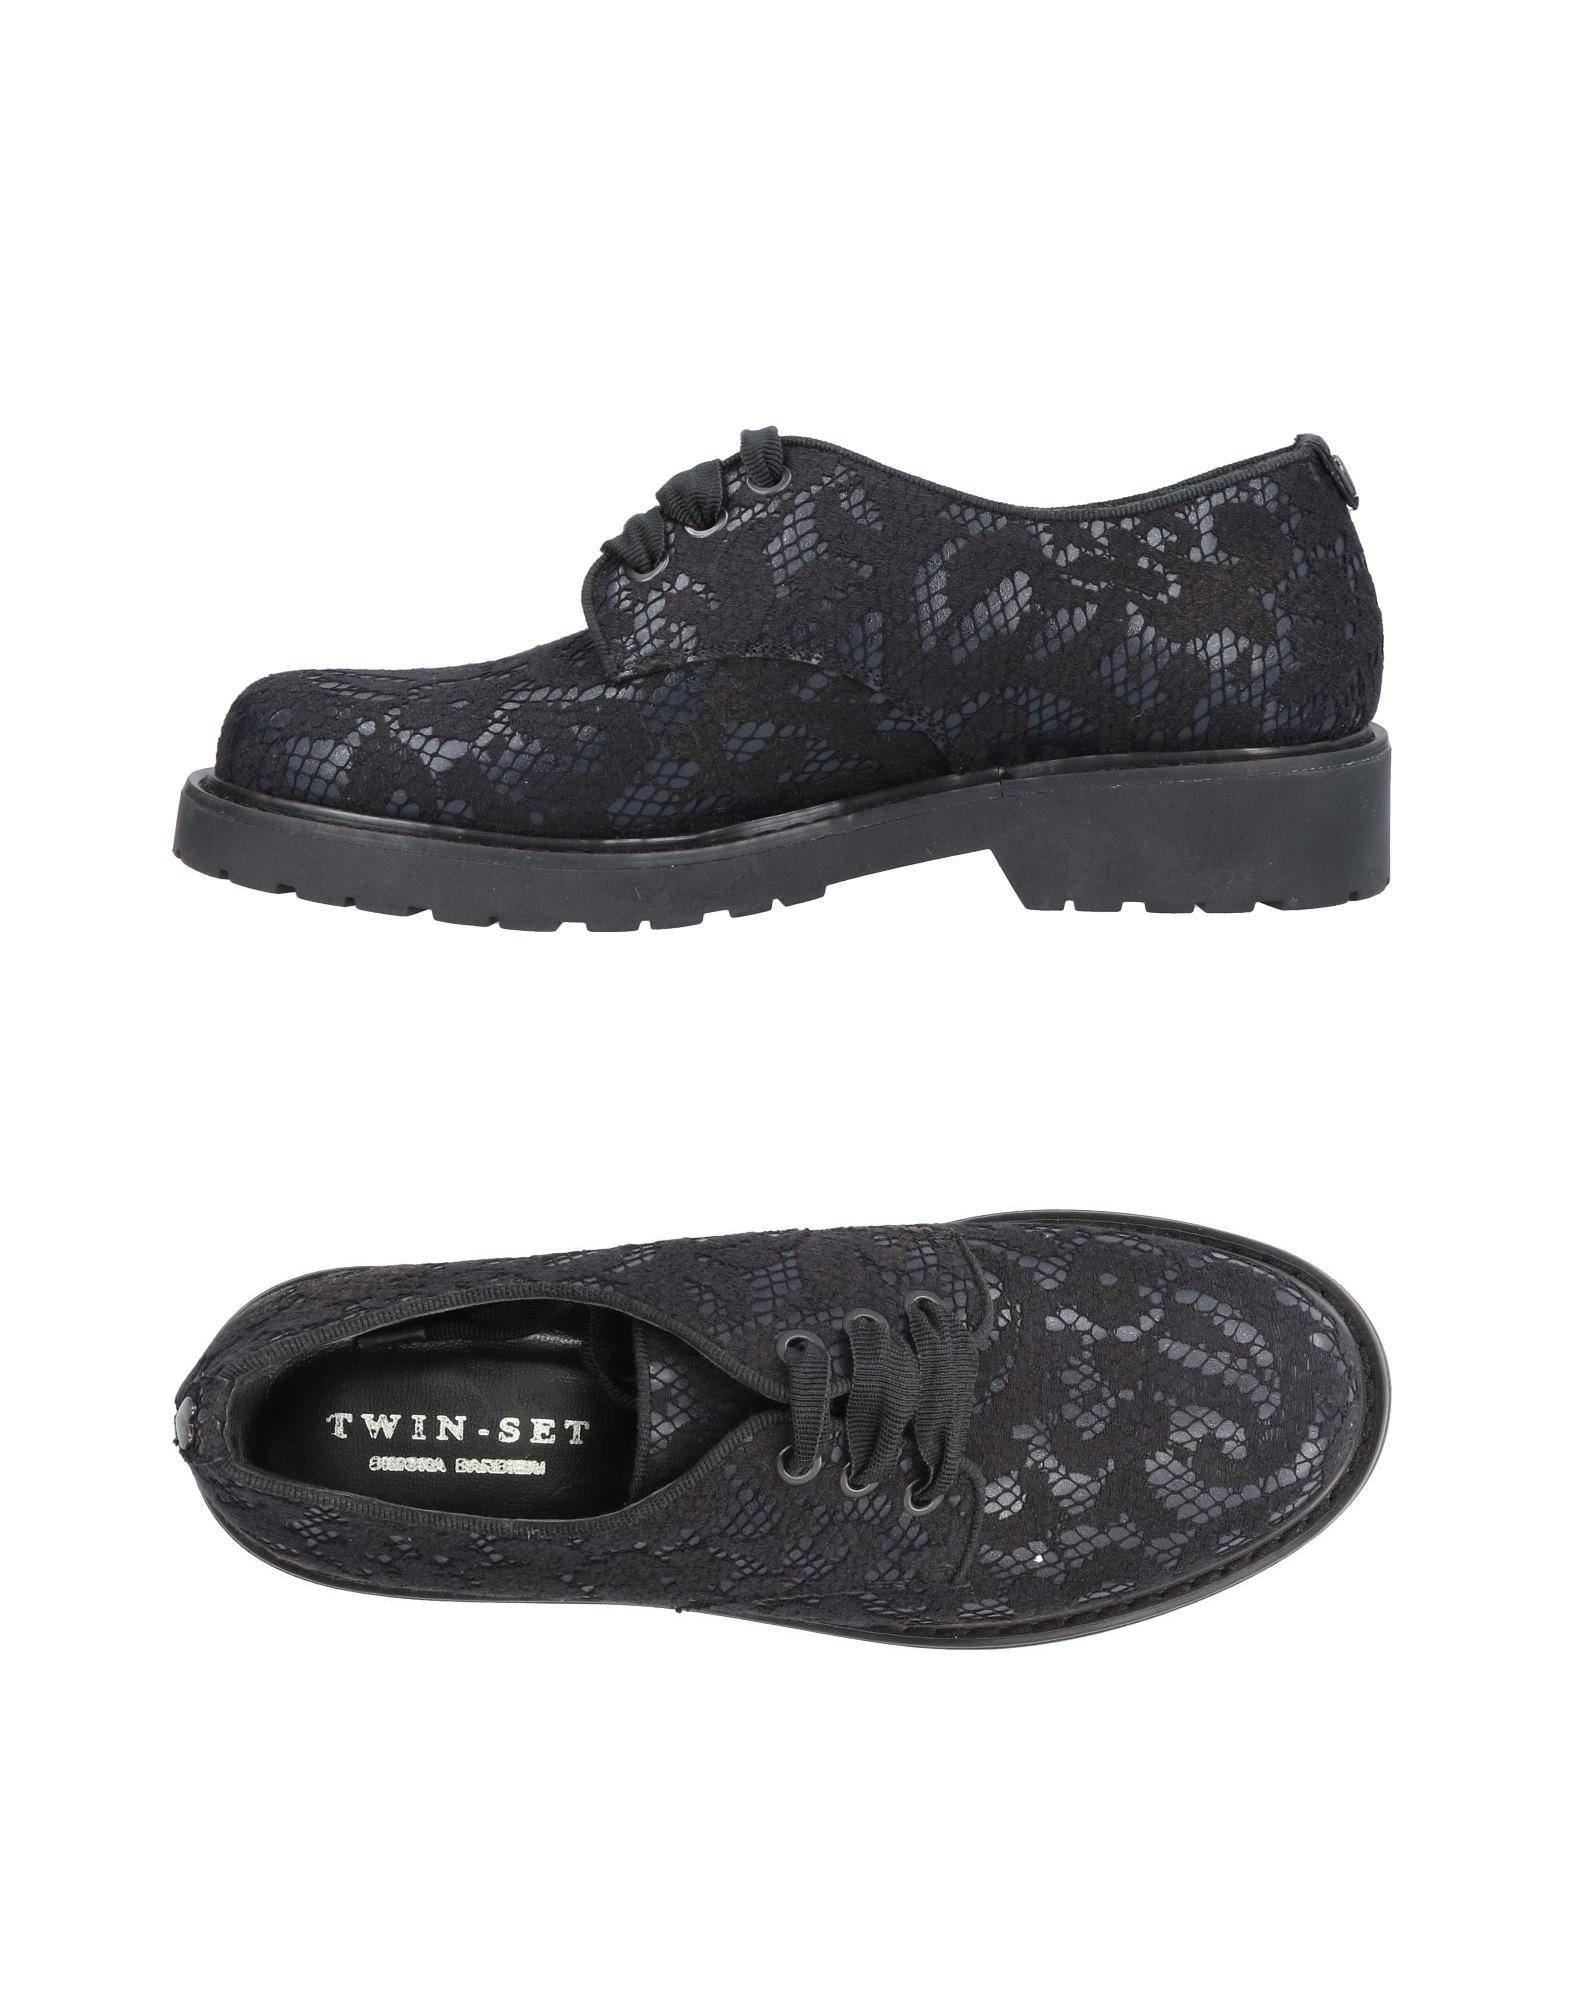 Chaussures À Lacets Twin-Set Simona Barbieri Femme - Chaussures À Lacets Twin-Set Simona Barbieri sur